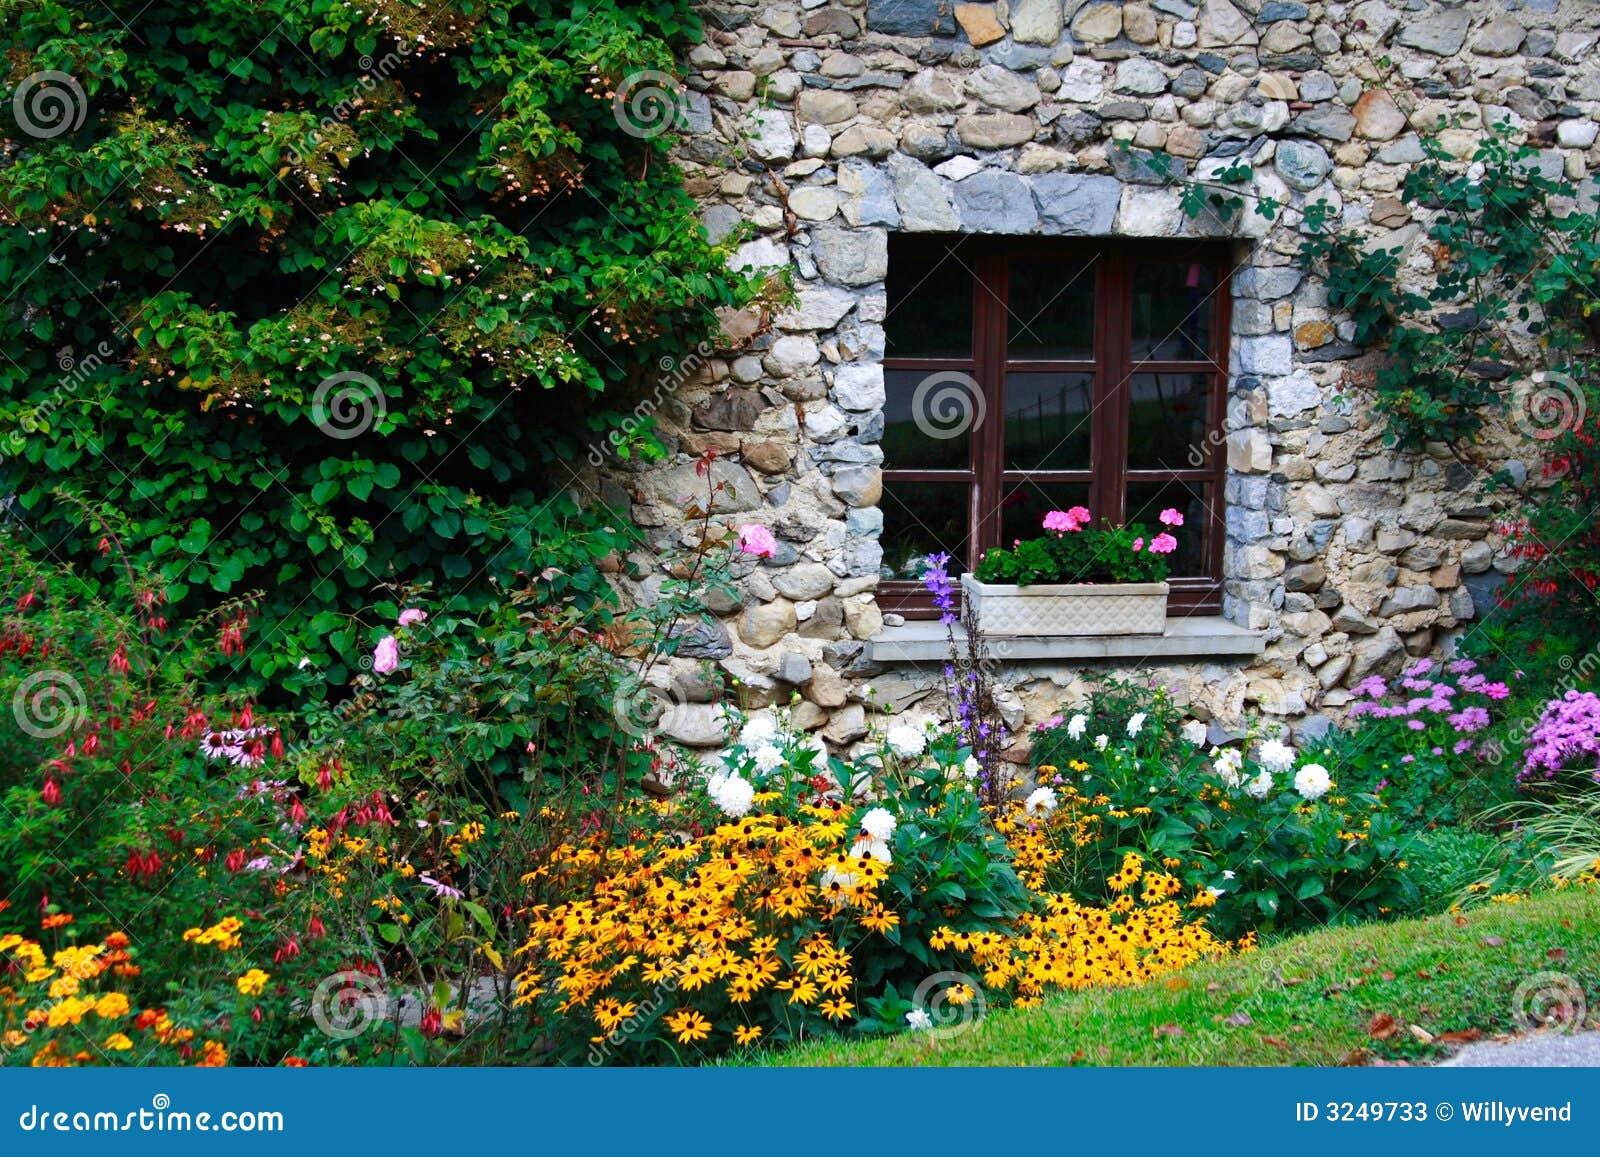 jardim pedras e flores:Indicador de uma casa pedra-construída em um jardim florescido rural.